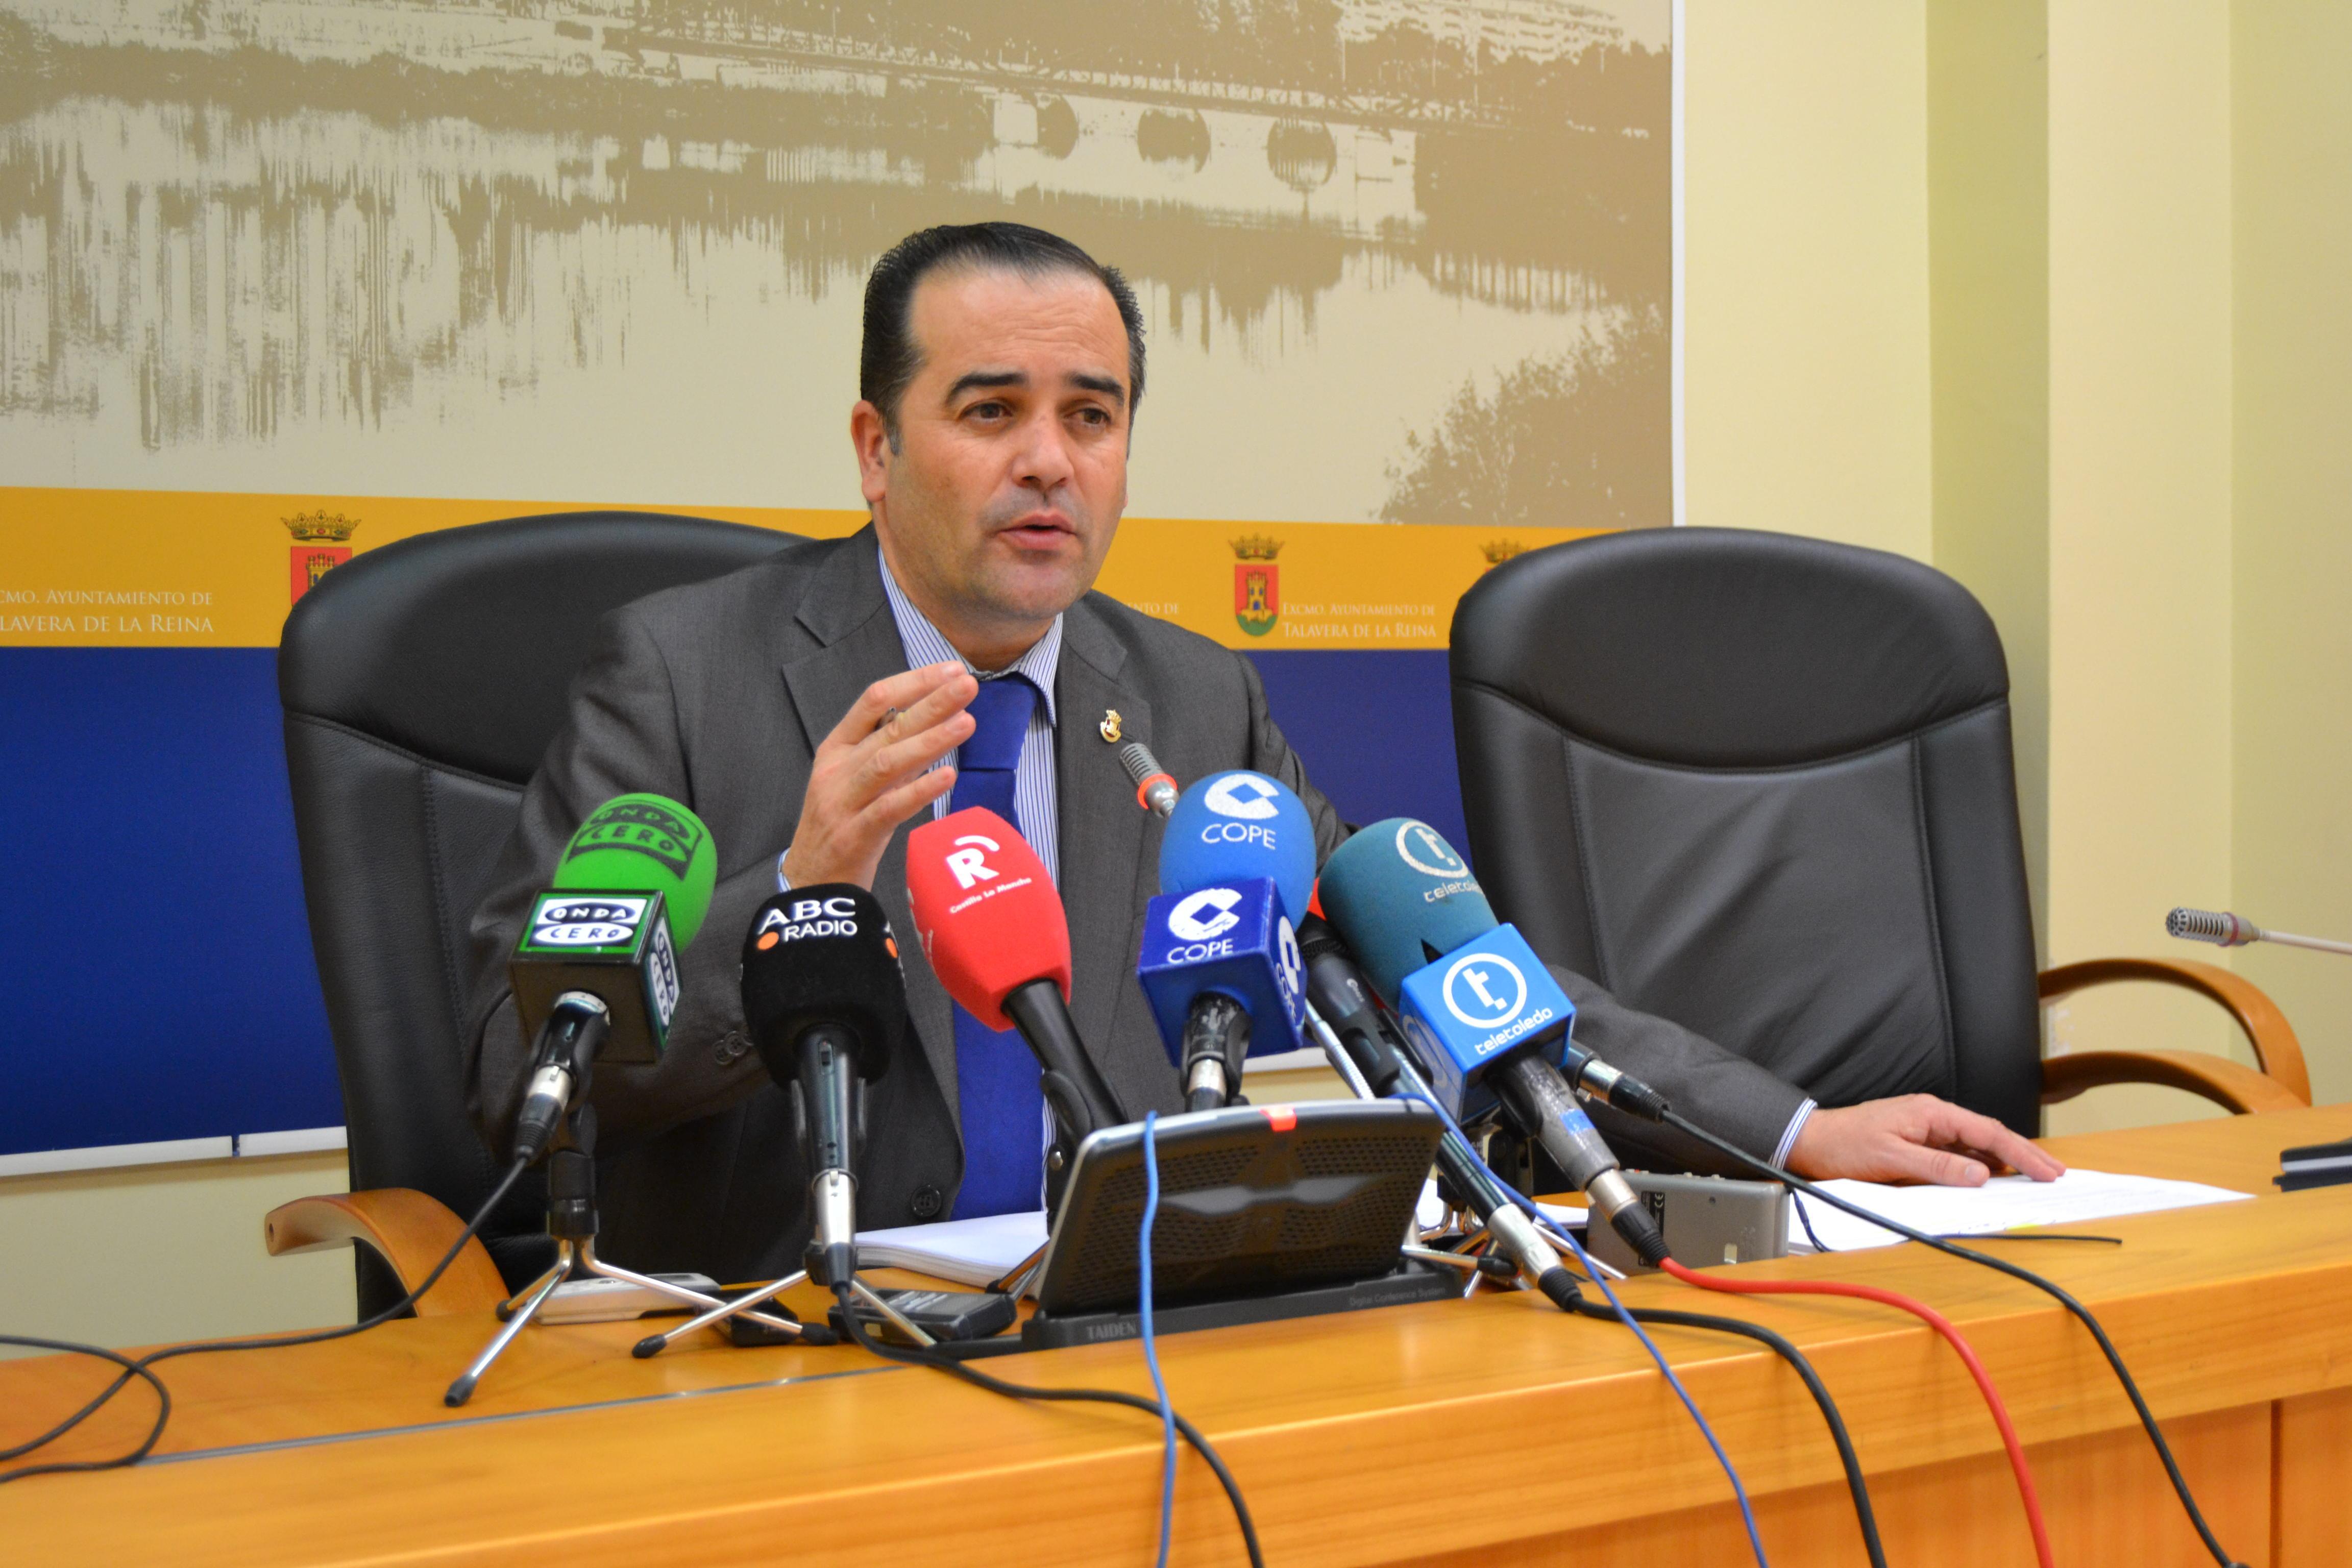 El ayuntamiento de Talavera incoa expediente contra FCC por incumplimiento de contrato del sistema wifi